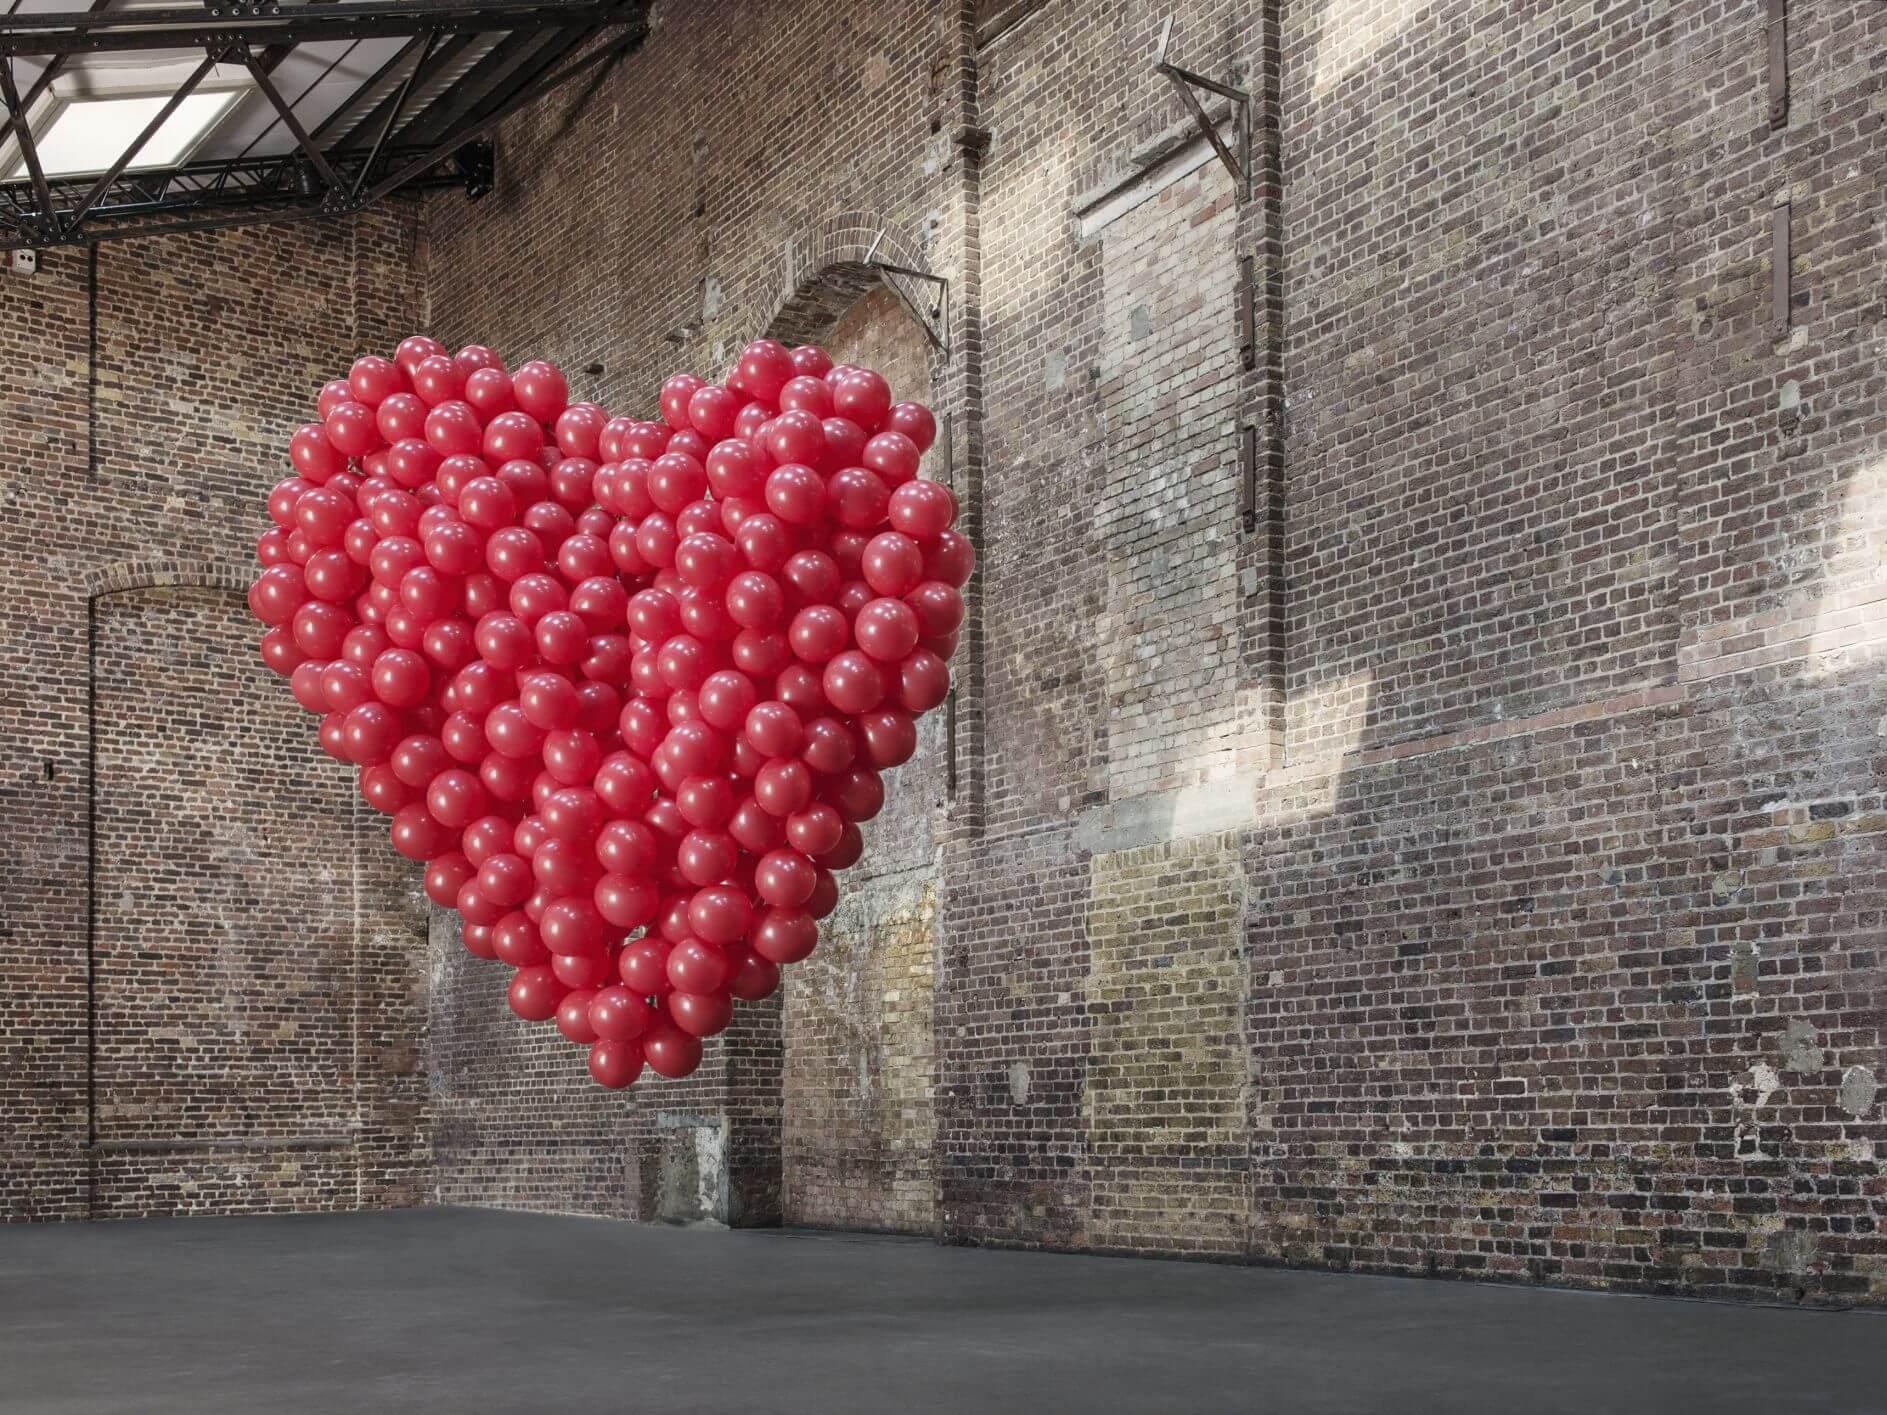 نظرية ''ستيرنبرغ الثلاثية'' وأنواع الحب السبعة لصحة العلاقات